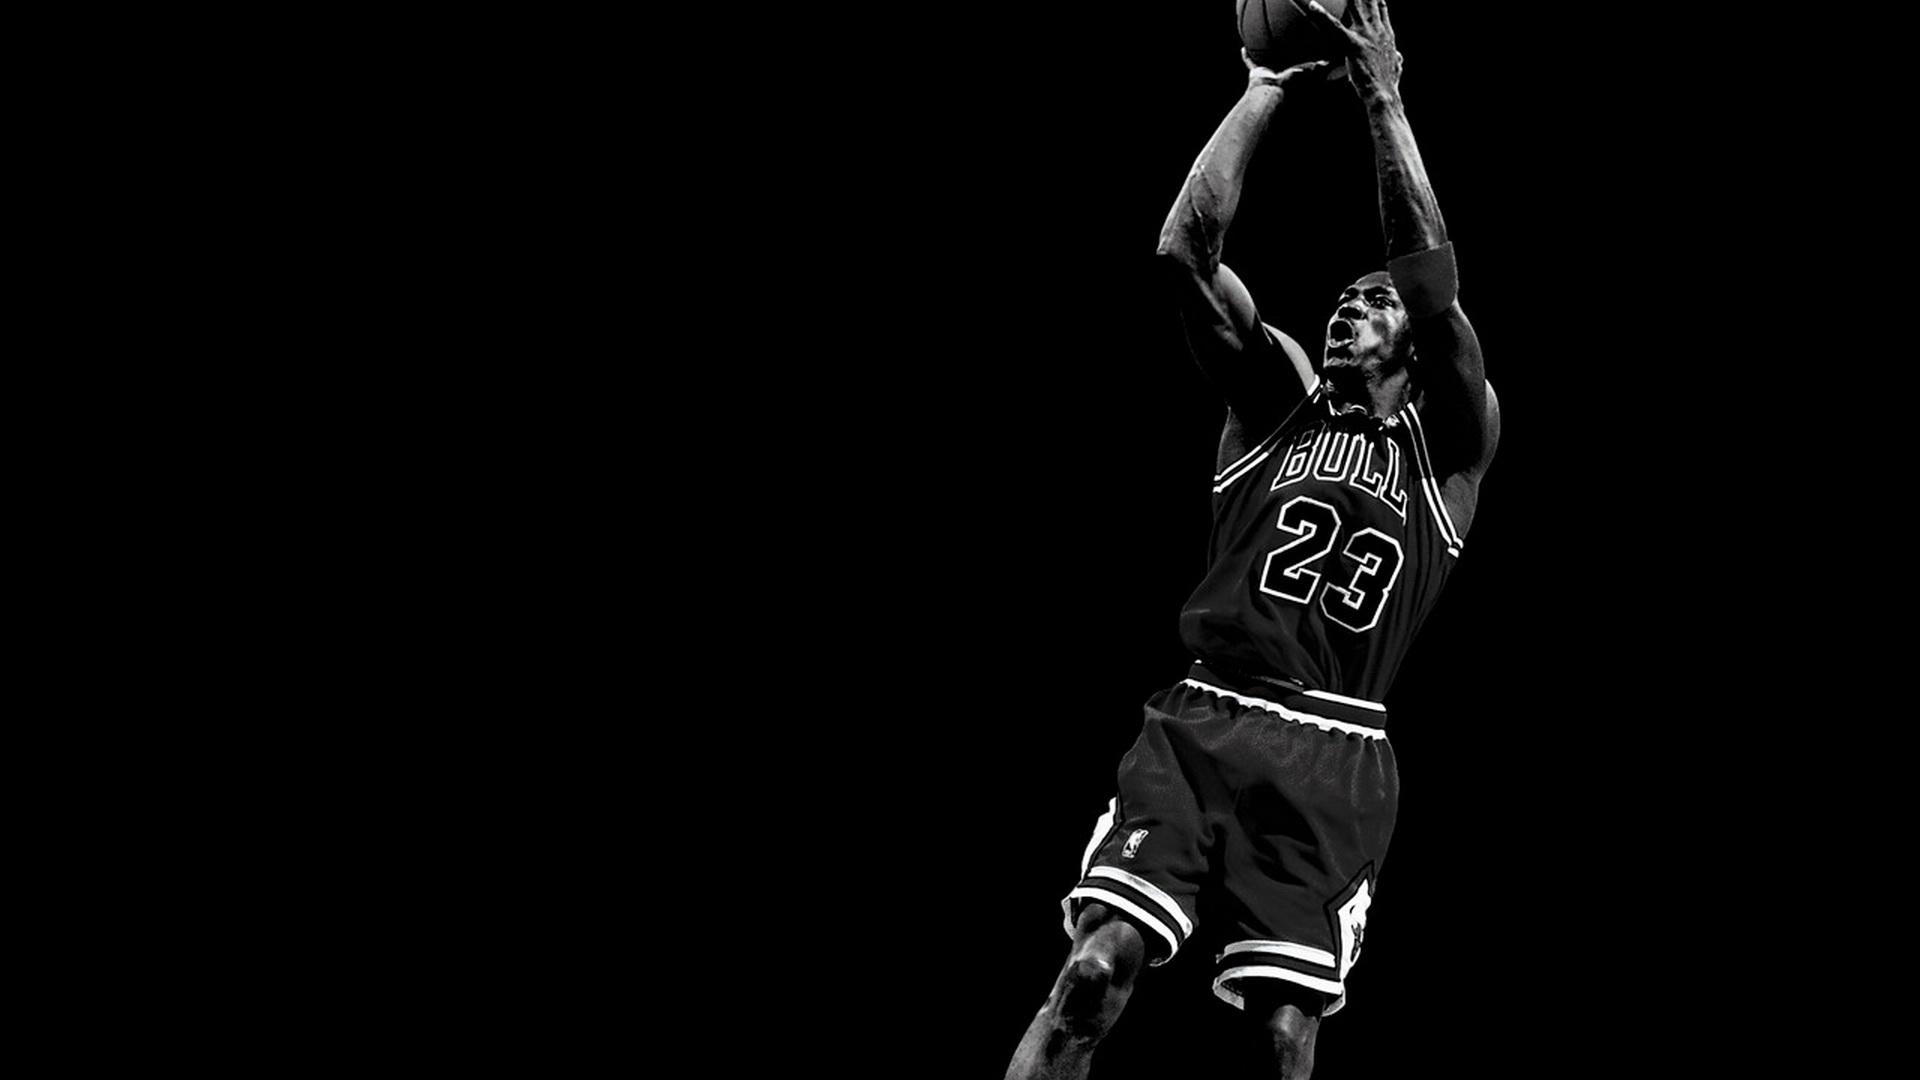 Michael Jordan 2013 Dunk HD Wallpaper Michael Jordan 2013 Dunk 1920x1080